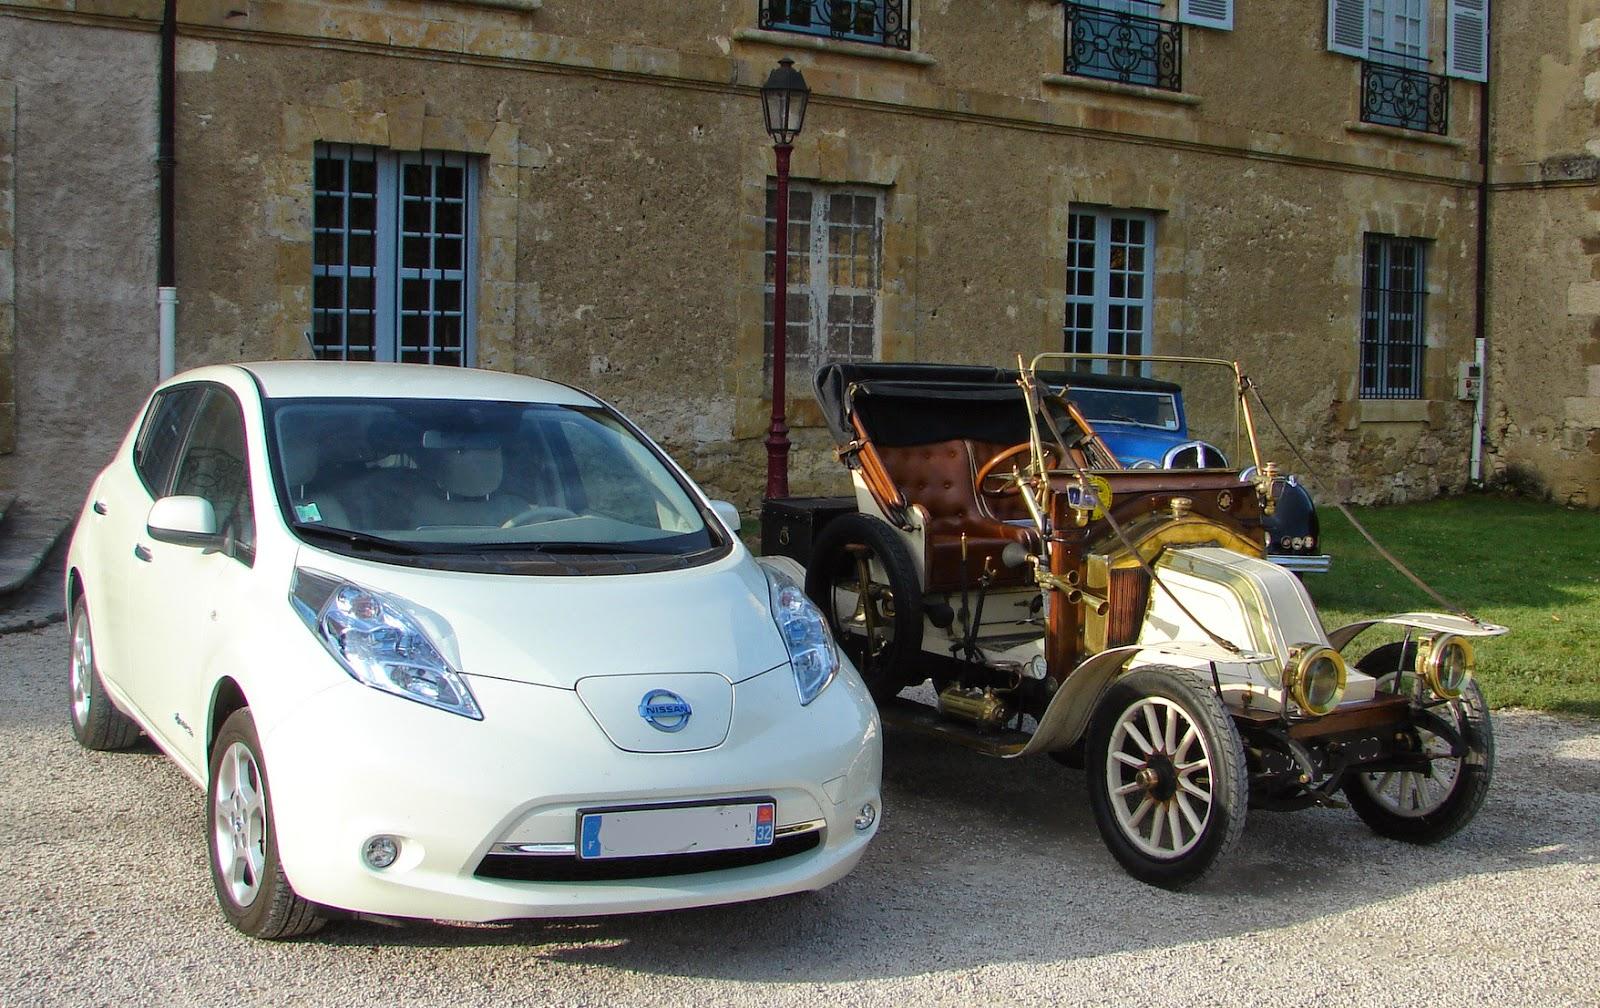 forum automobile propre visite de leaf au patrimoine automobile pour clore la semain nissan leaf. Black Bedroom Furniture Sets. Home Design Ideas